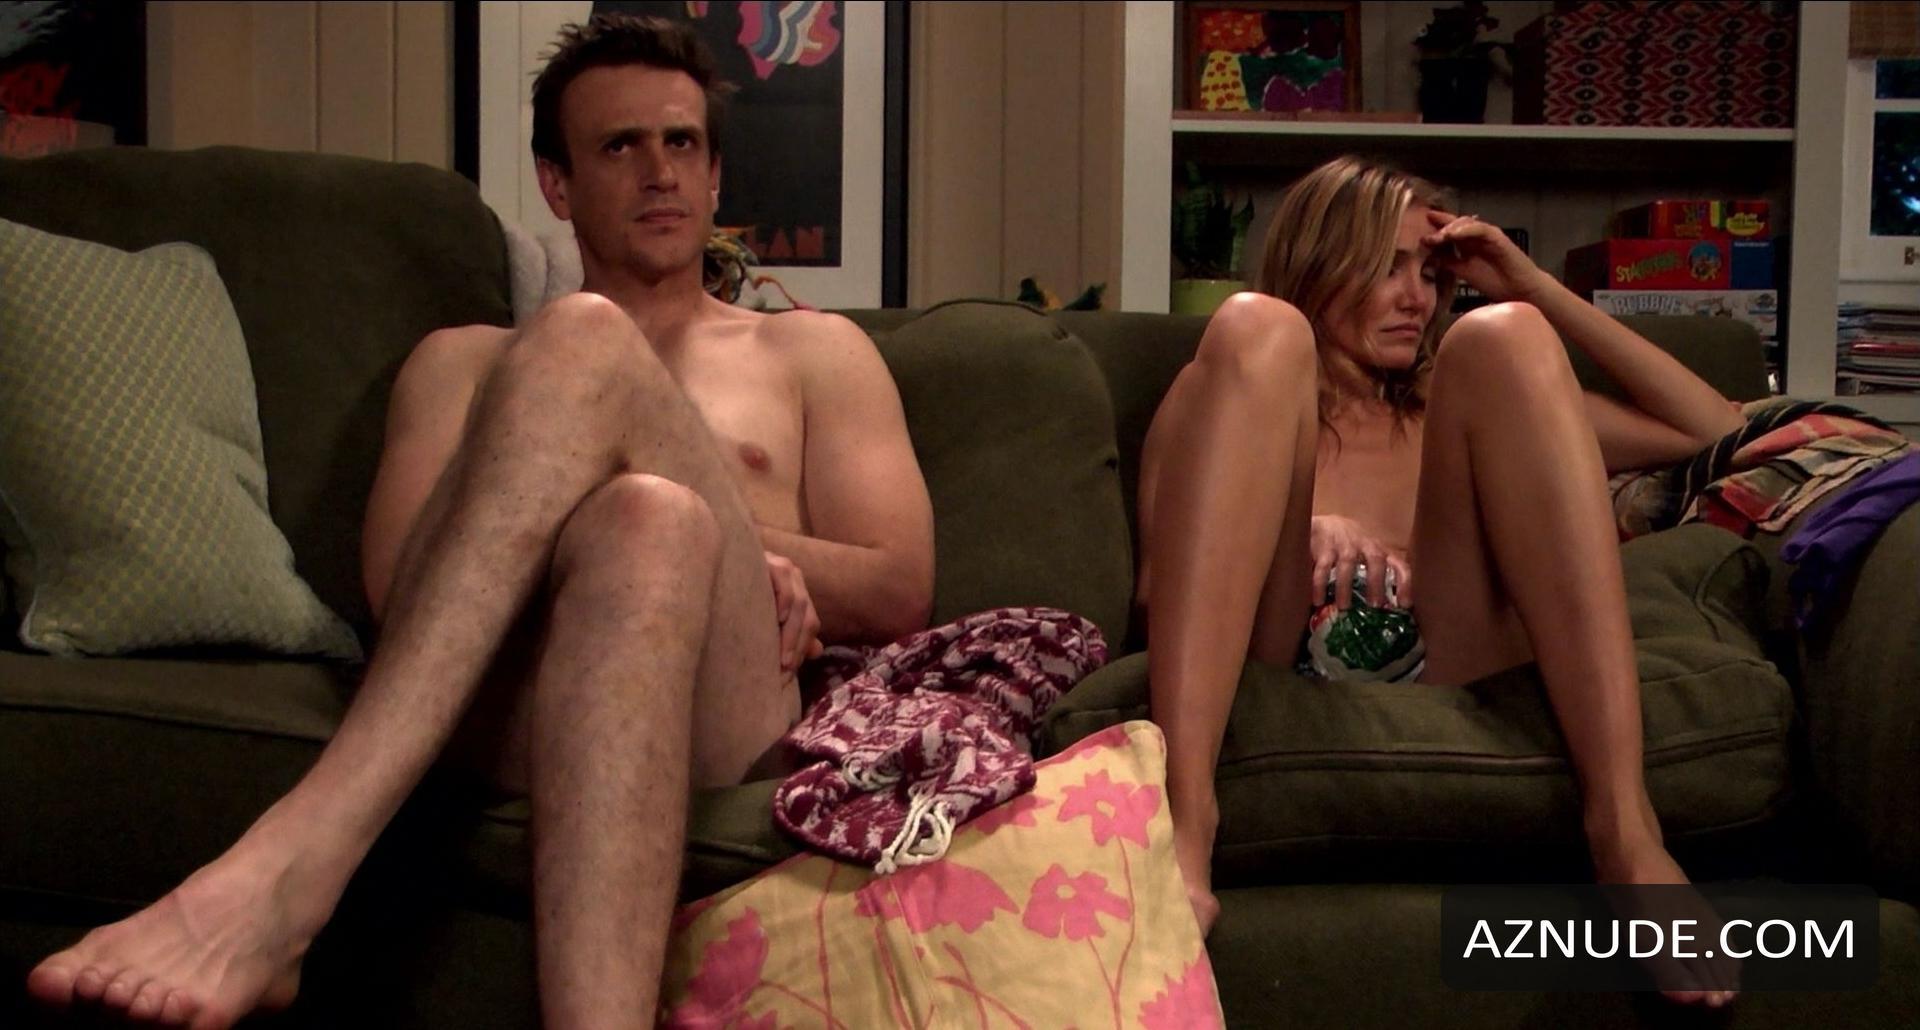 Cameron diaz sex tape nude